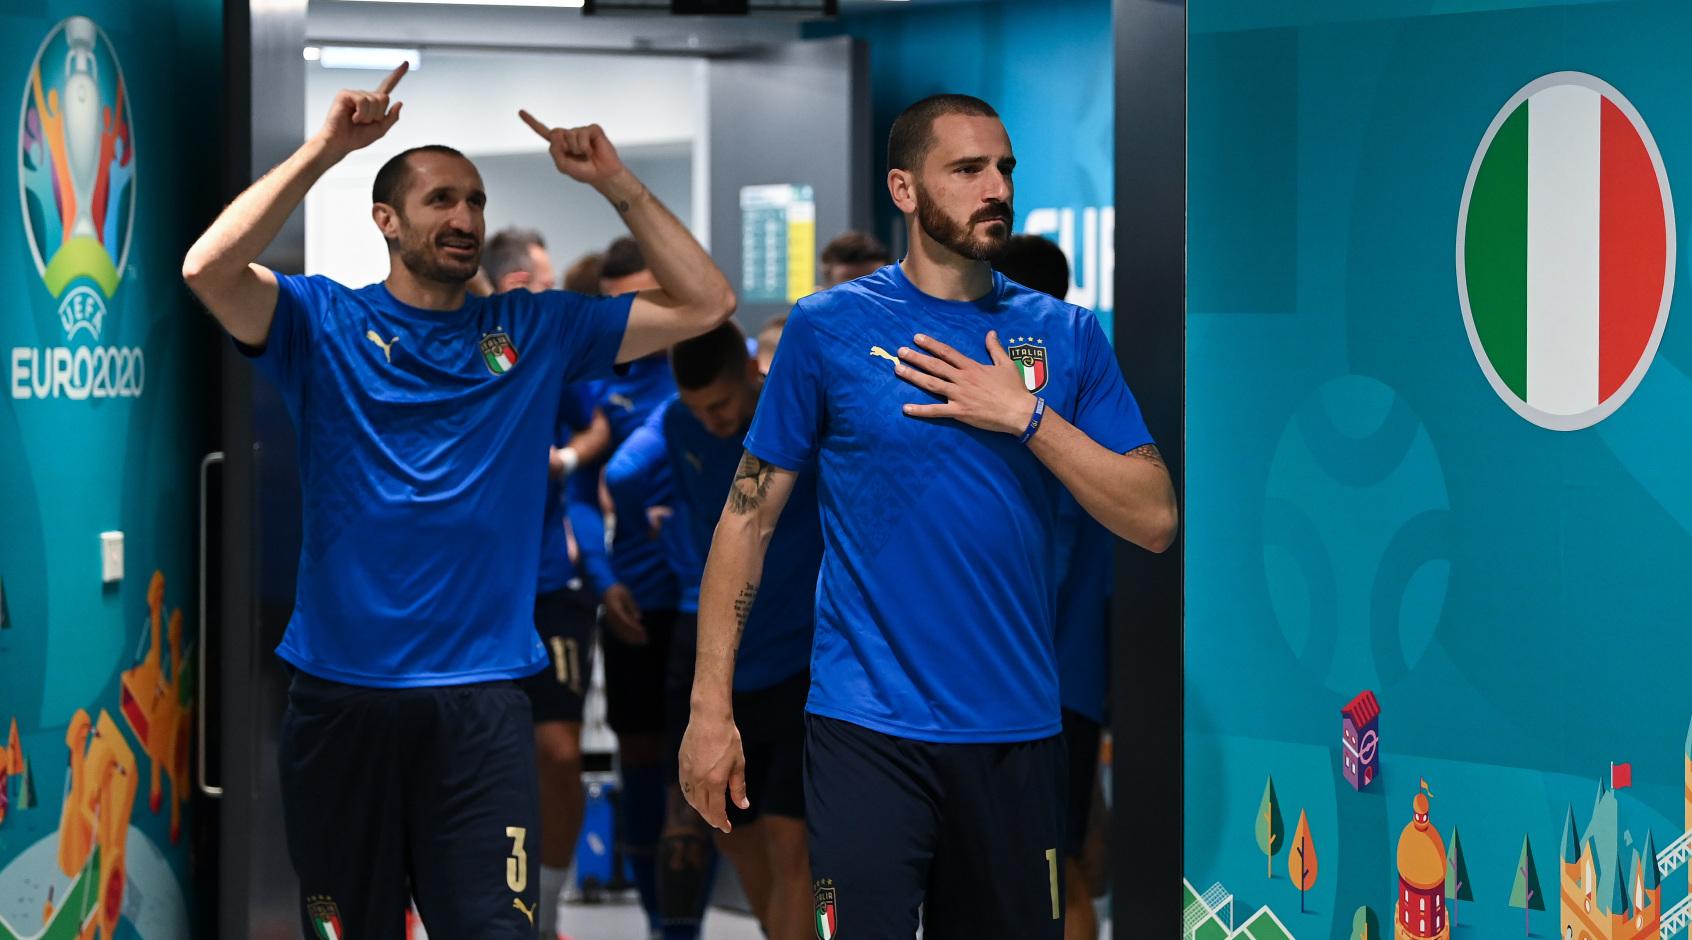 Кьеллини сказал, кому посвятил победу сборной Италии на Евро-2020